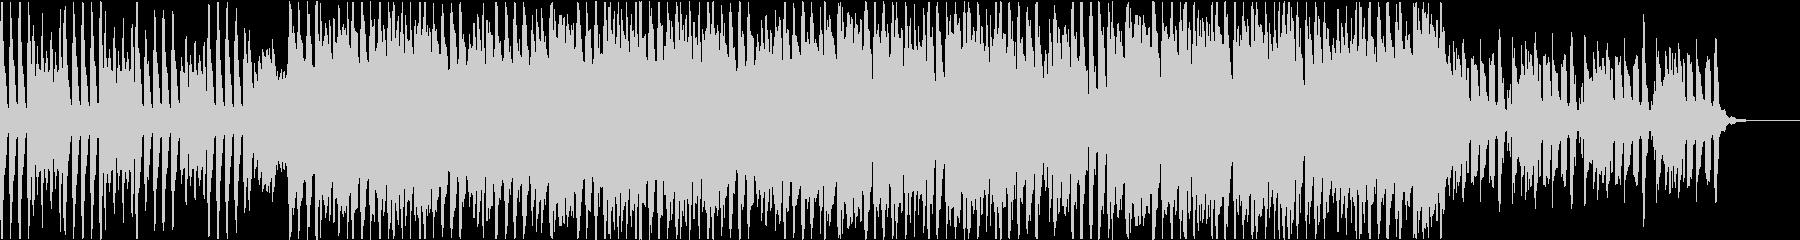 優雅で明るい4つ打ちBGM(通常盤)の未再生の波形